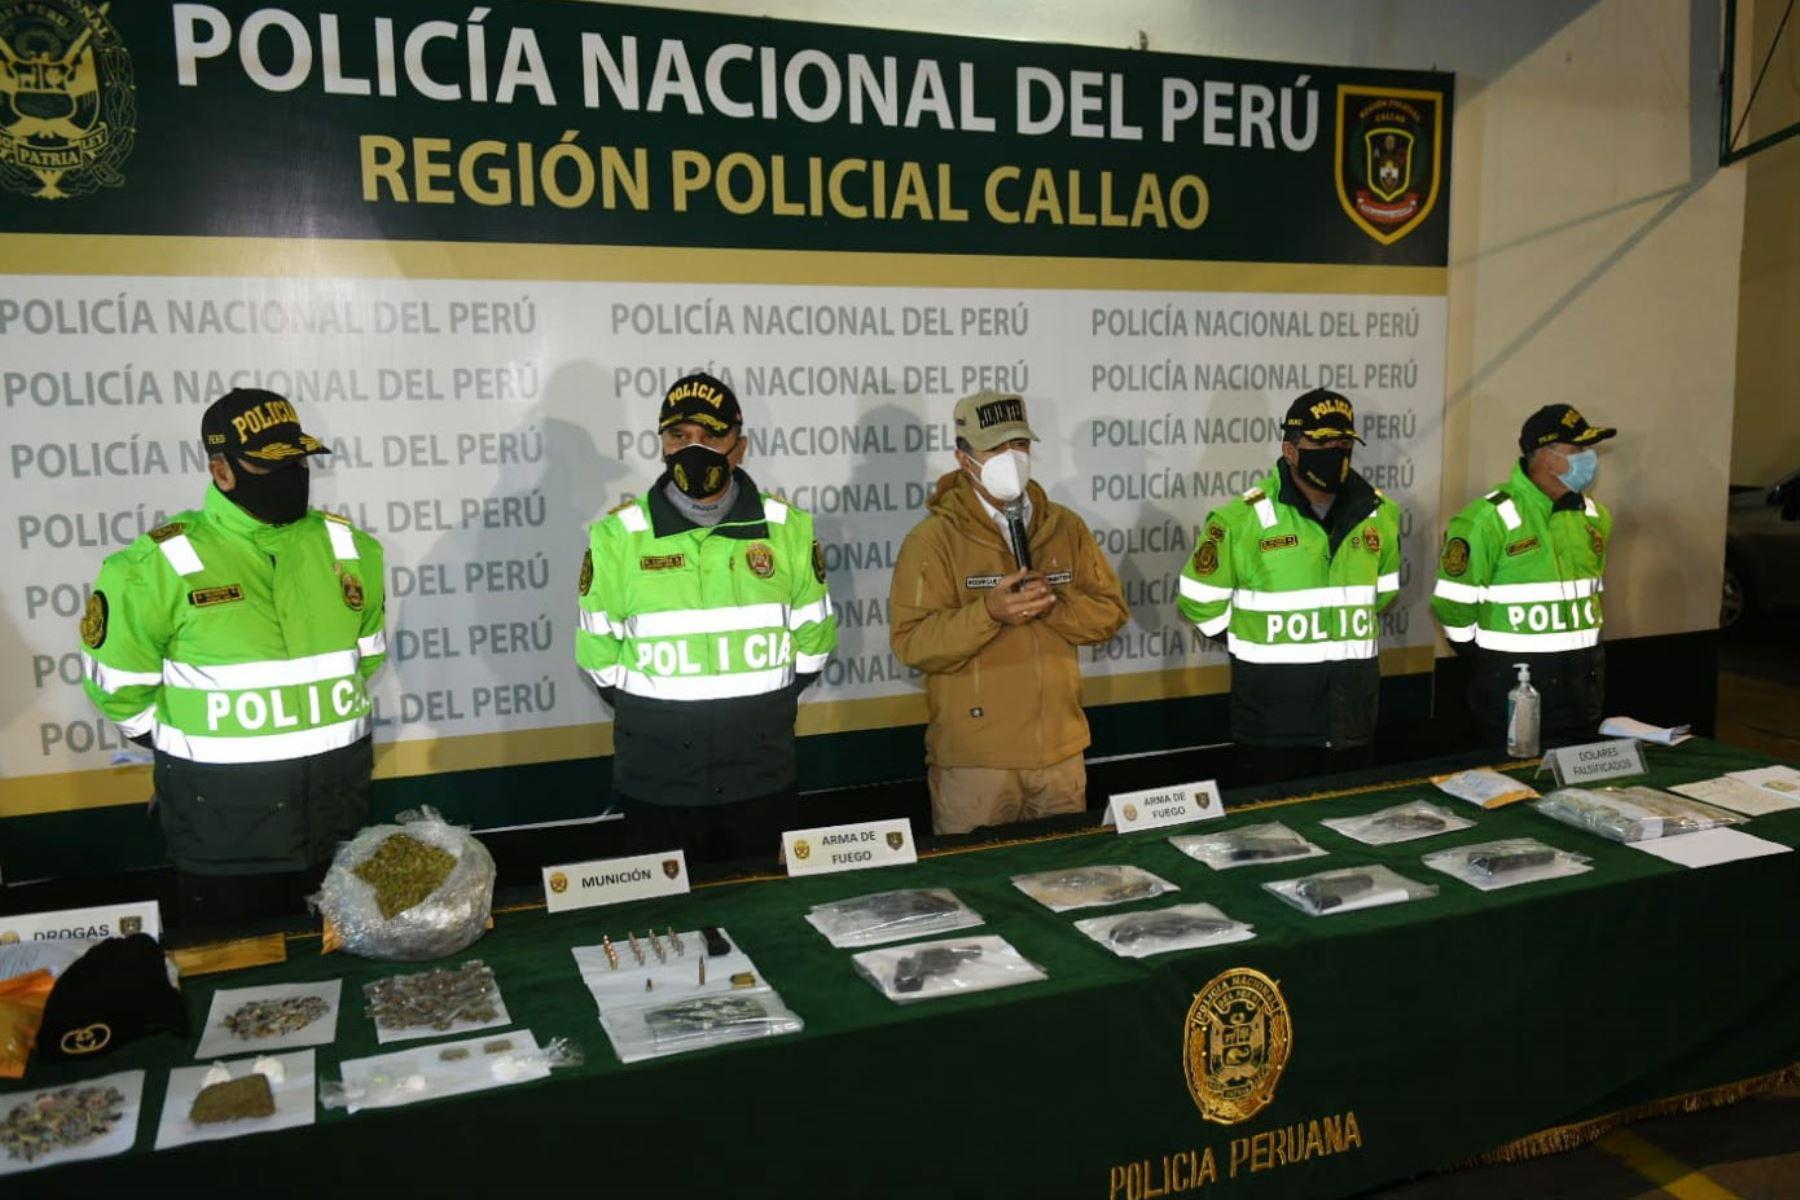 """El ministro del Interior, Gastón Rodríguez presenta los resultados de dos megaoperativos contra la delincuencia común y los infractores al Estado de Emergencia, en el marco del plan de seguridad """"Fortaleza 2020"""". Foto: Mininter"""